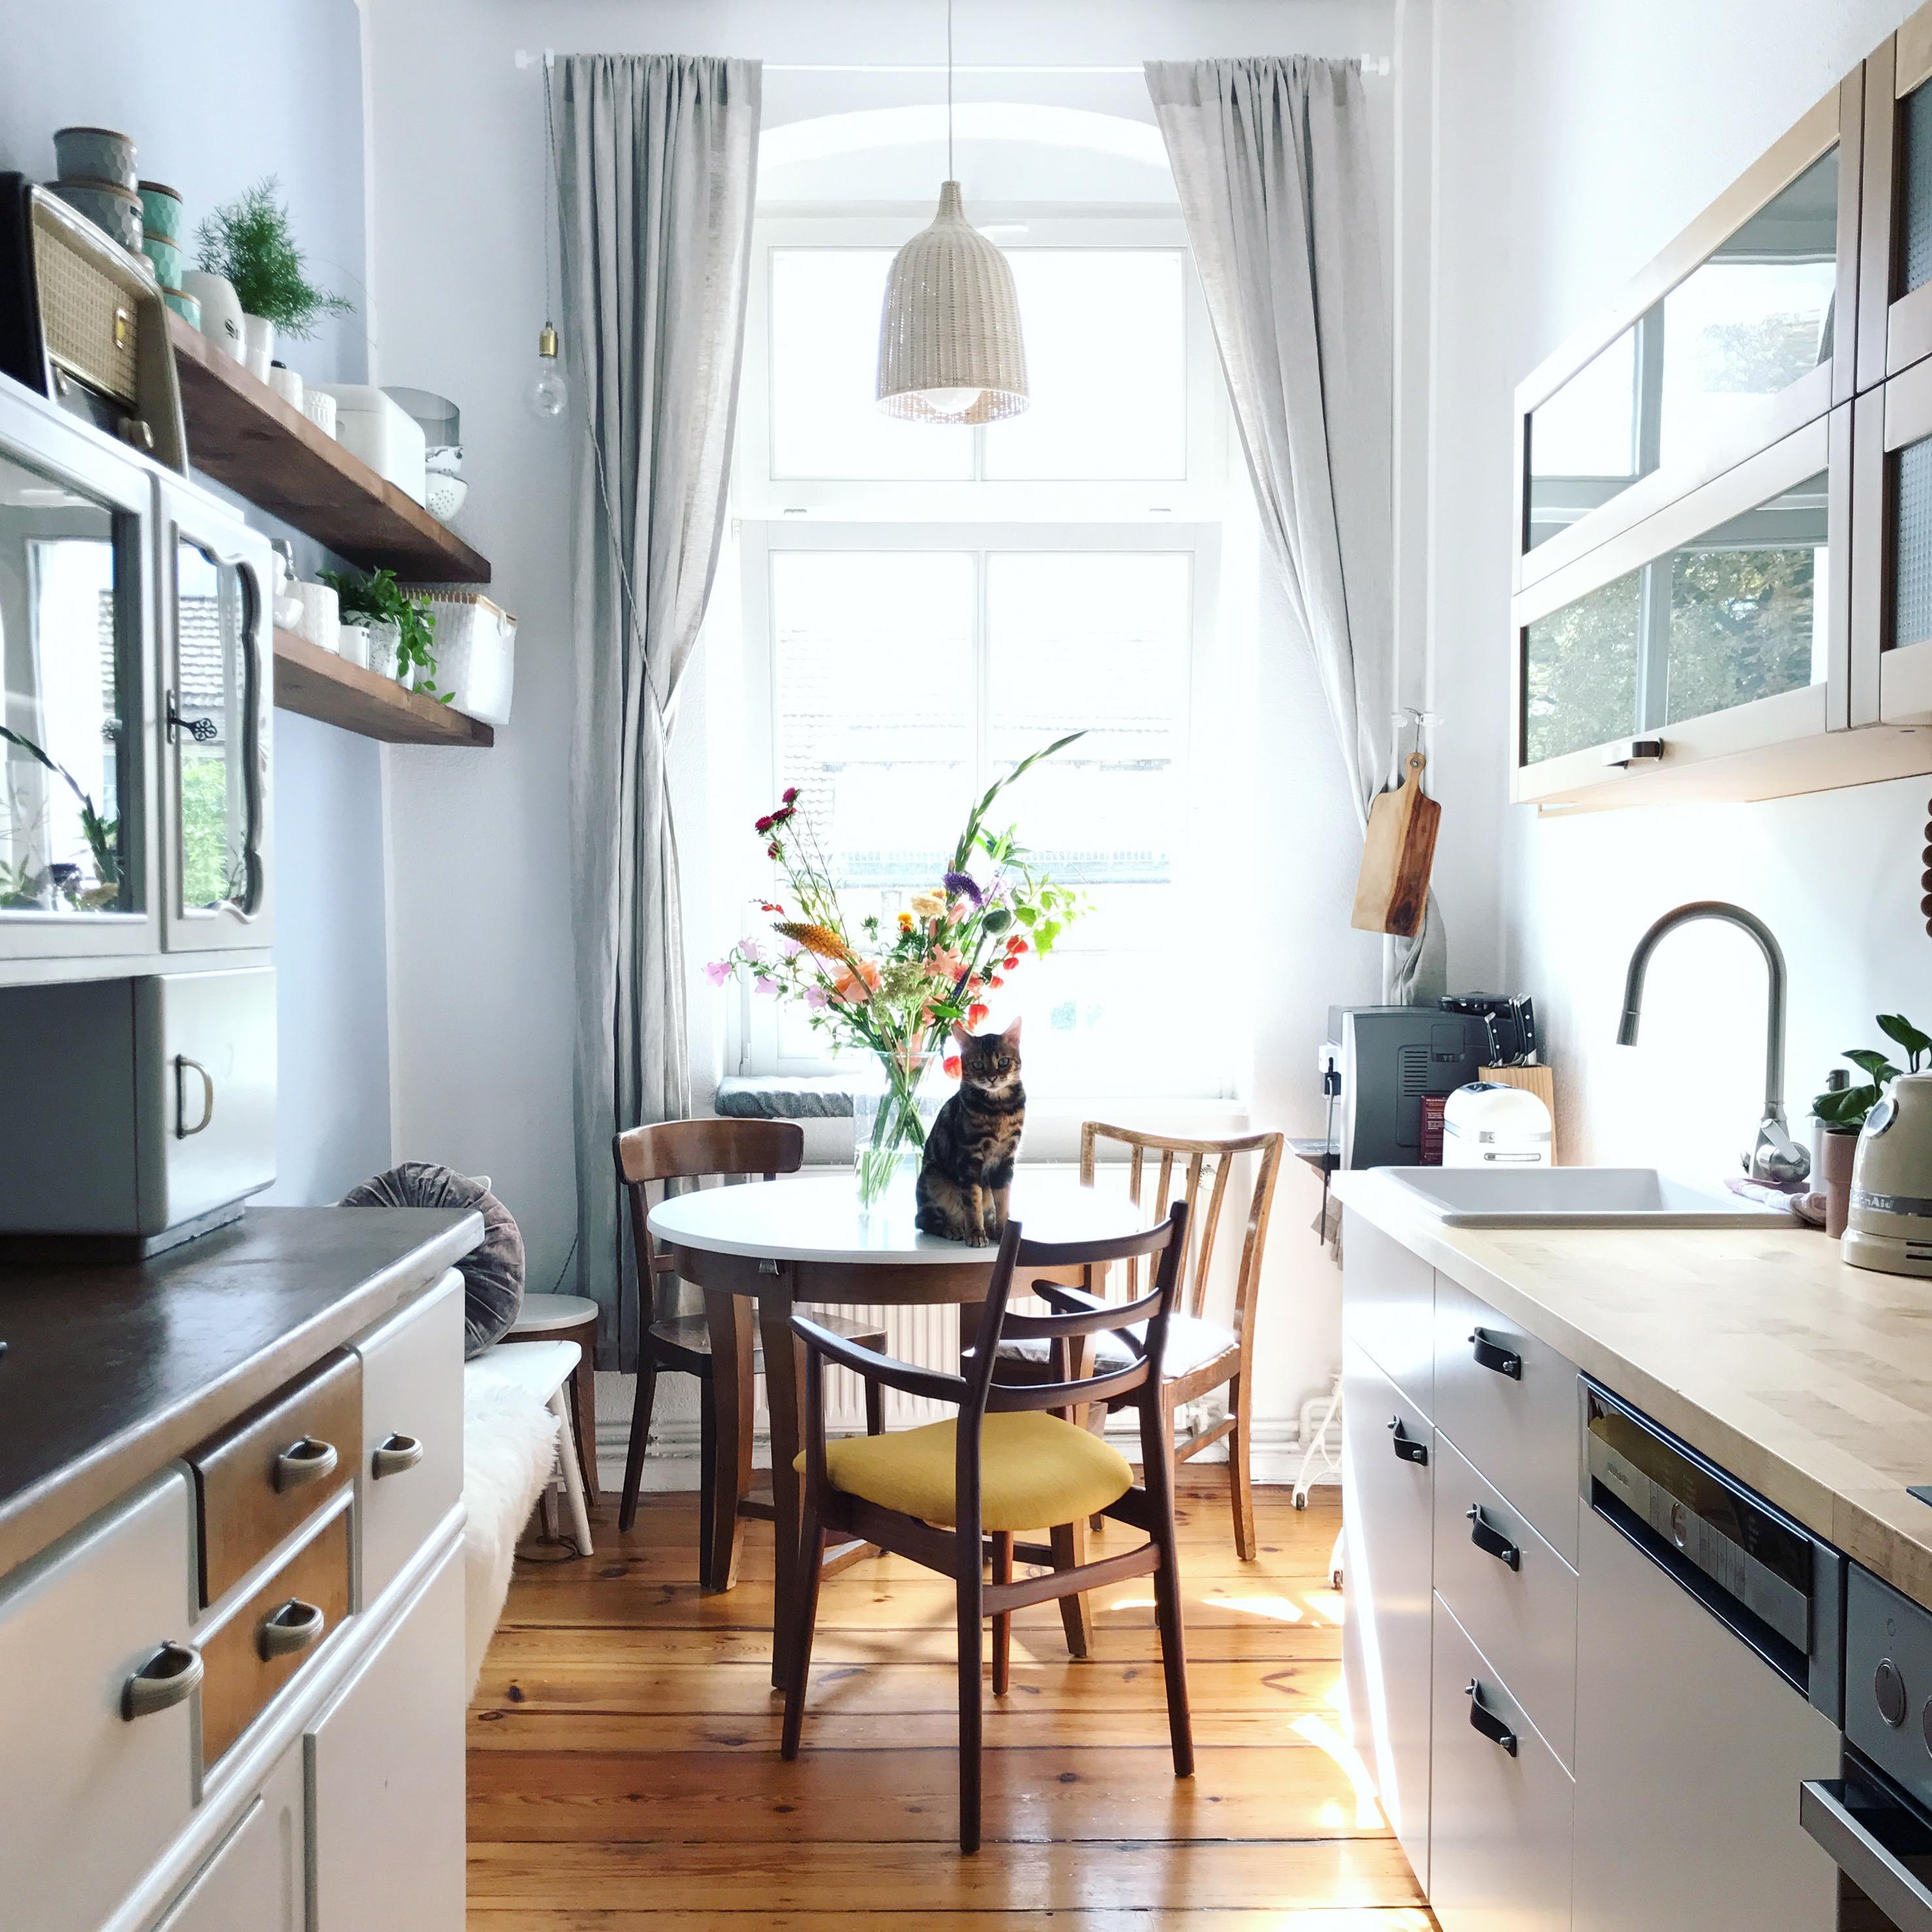 Tolle Kleines Professionelle Küche Layout Fotos - Küchen Ideen ...